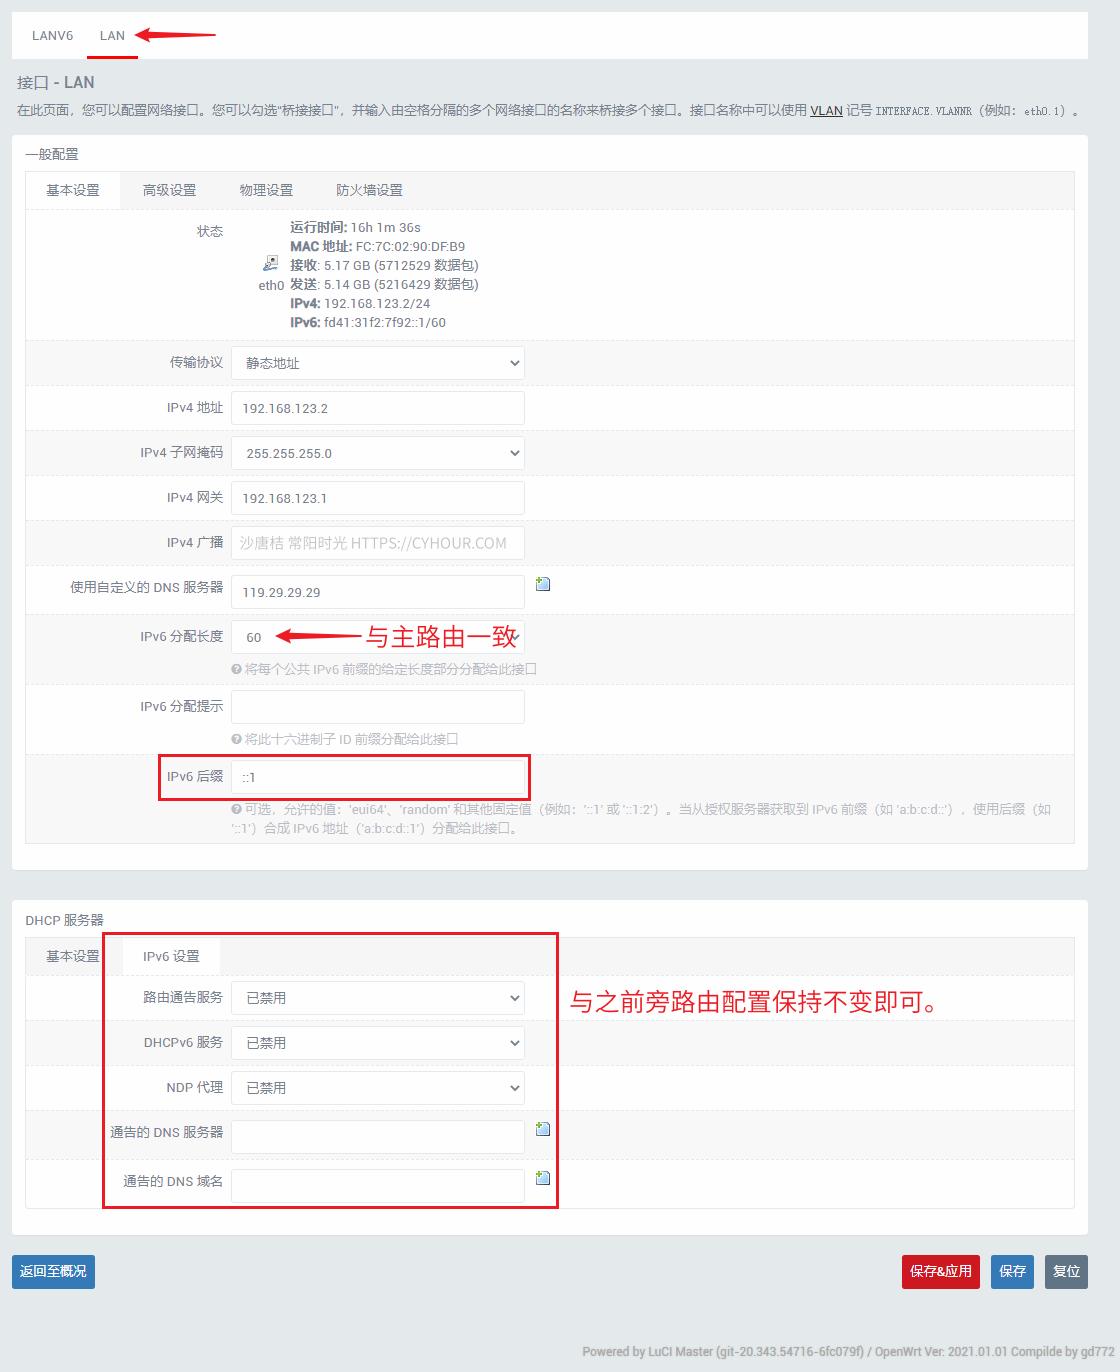 AC68U 原版梅林主路由 + N1 OpenWRT 旁路由启用 IPv6 设置指北-沙唐桔